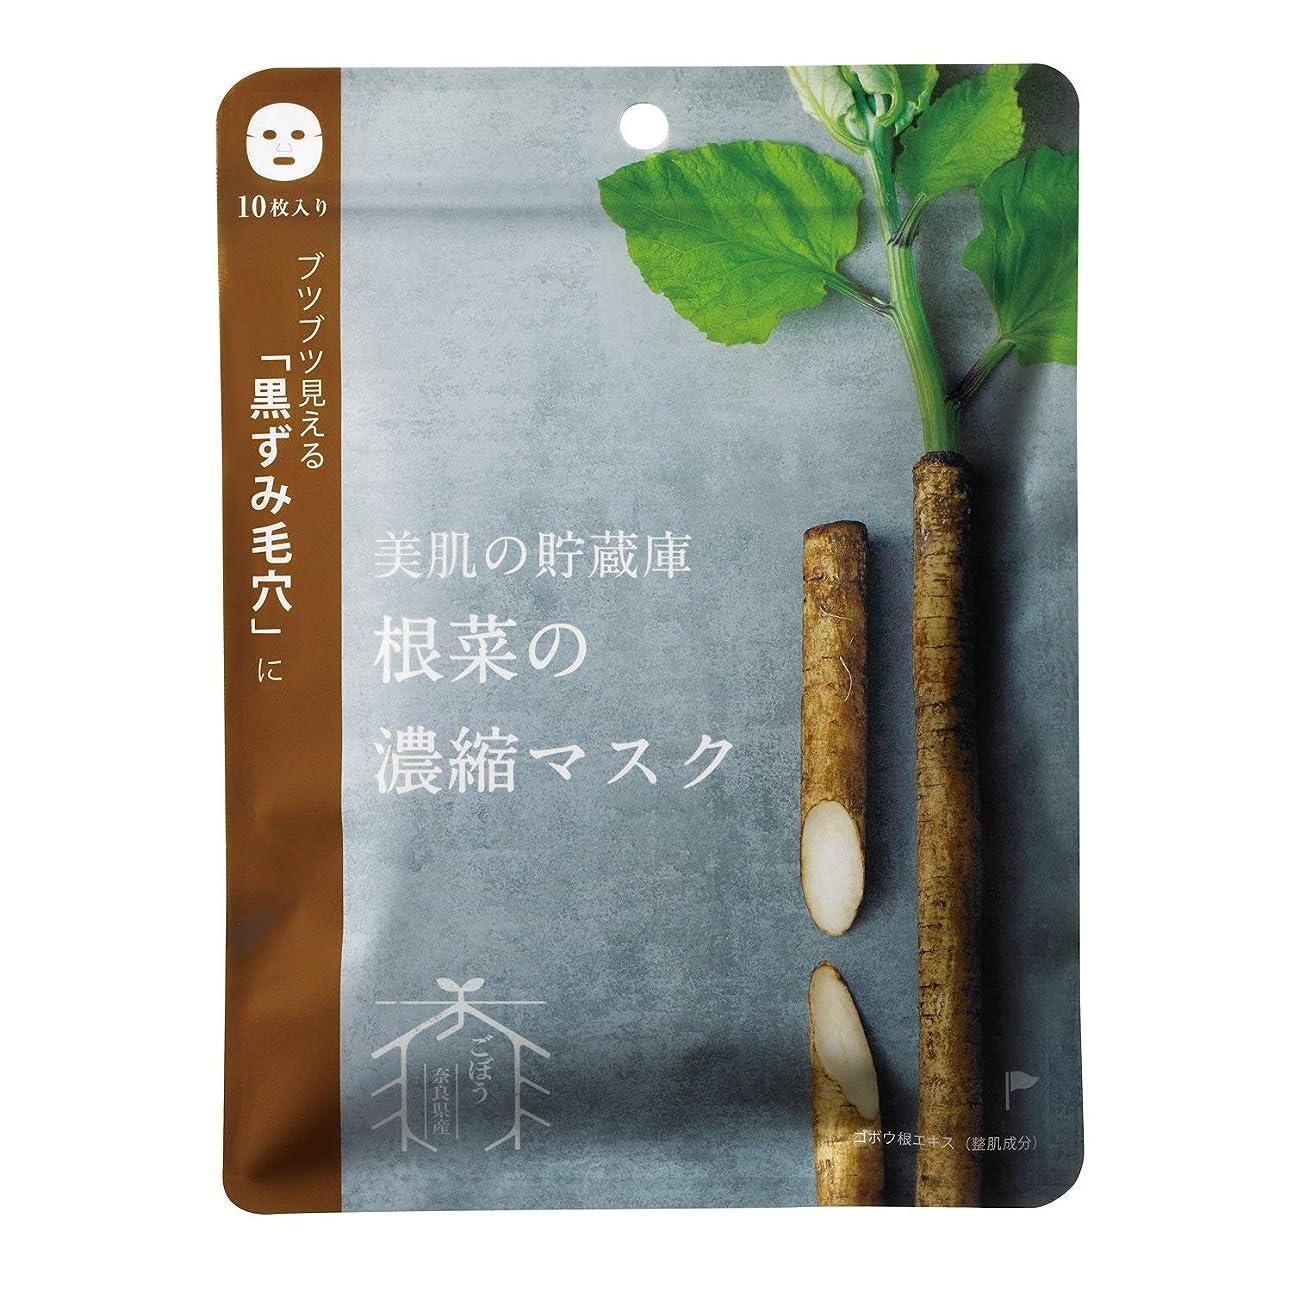 無駄優れました特権@cosme nippon 美肌の貯蔵庫 根菜の濃縮マスク 宇陀金ごぼう 10枚 160ml